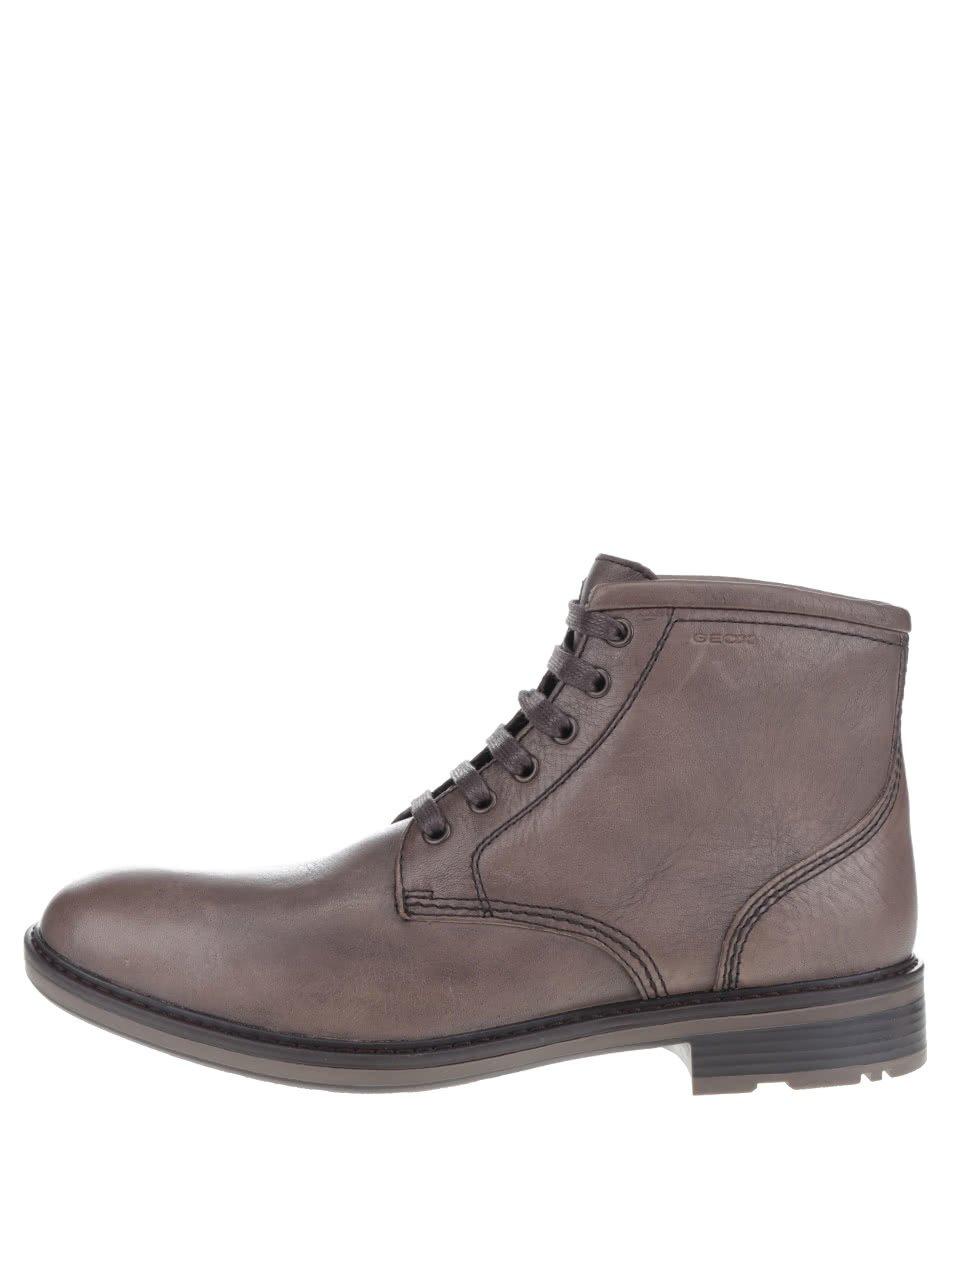 Hnědé pánské kožené kotníkové boty Geox Rickmove